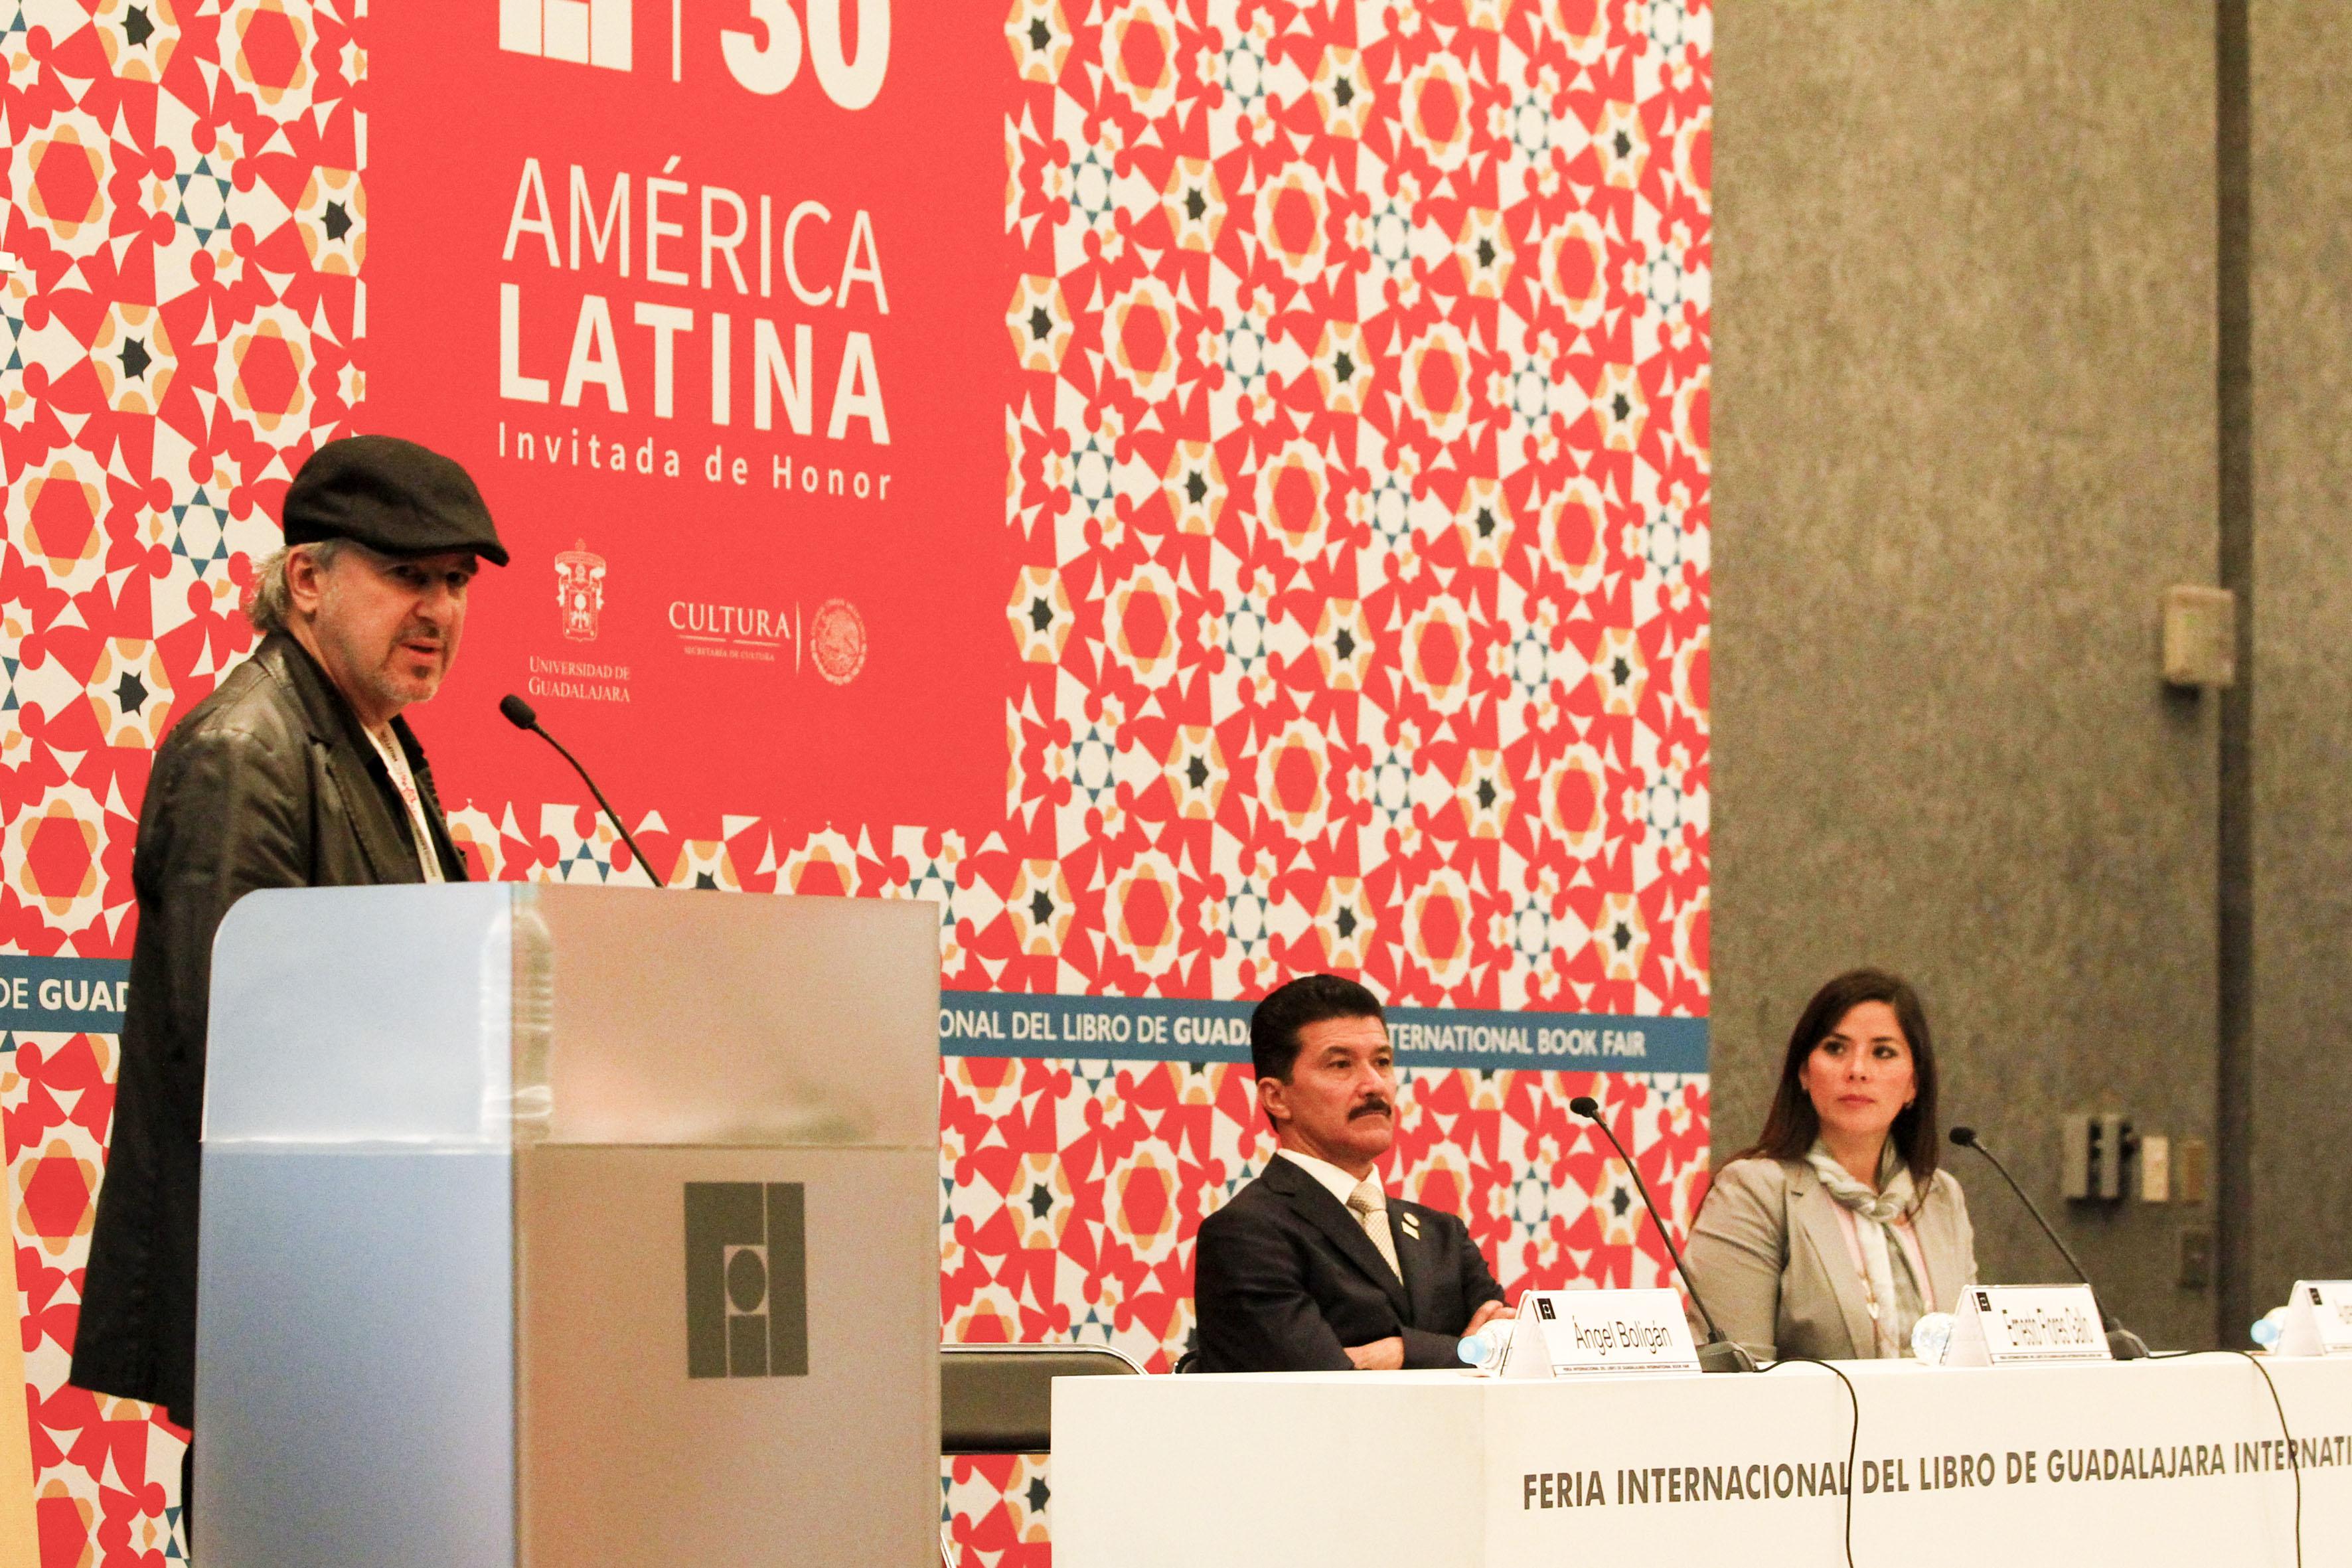 El caricaturista cubano Ángel Boligán, con micrófono en podium del evento, haciendo uso de la palabra.